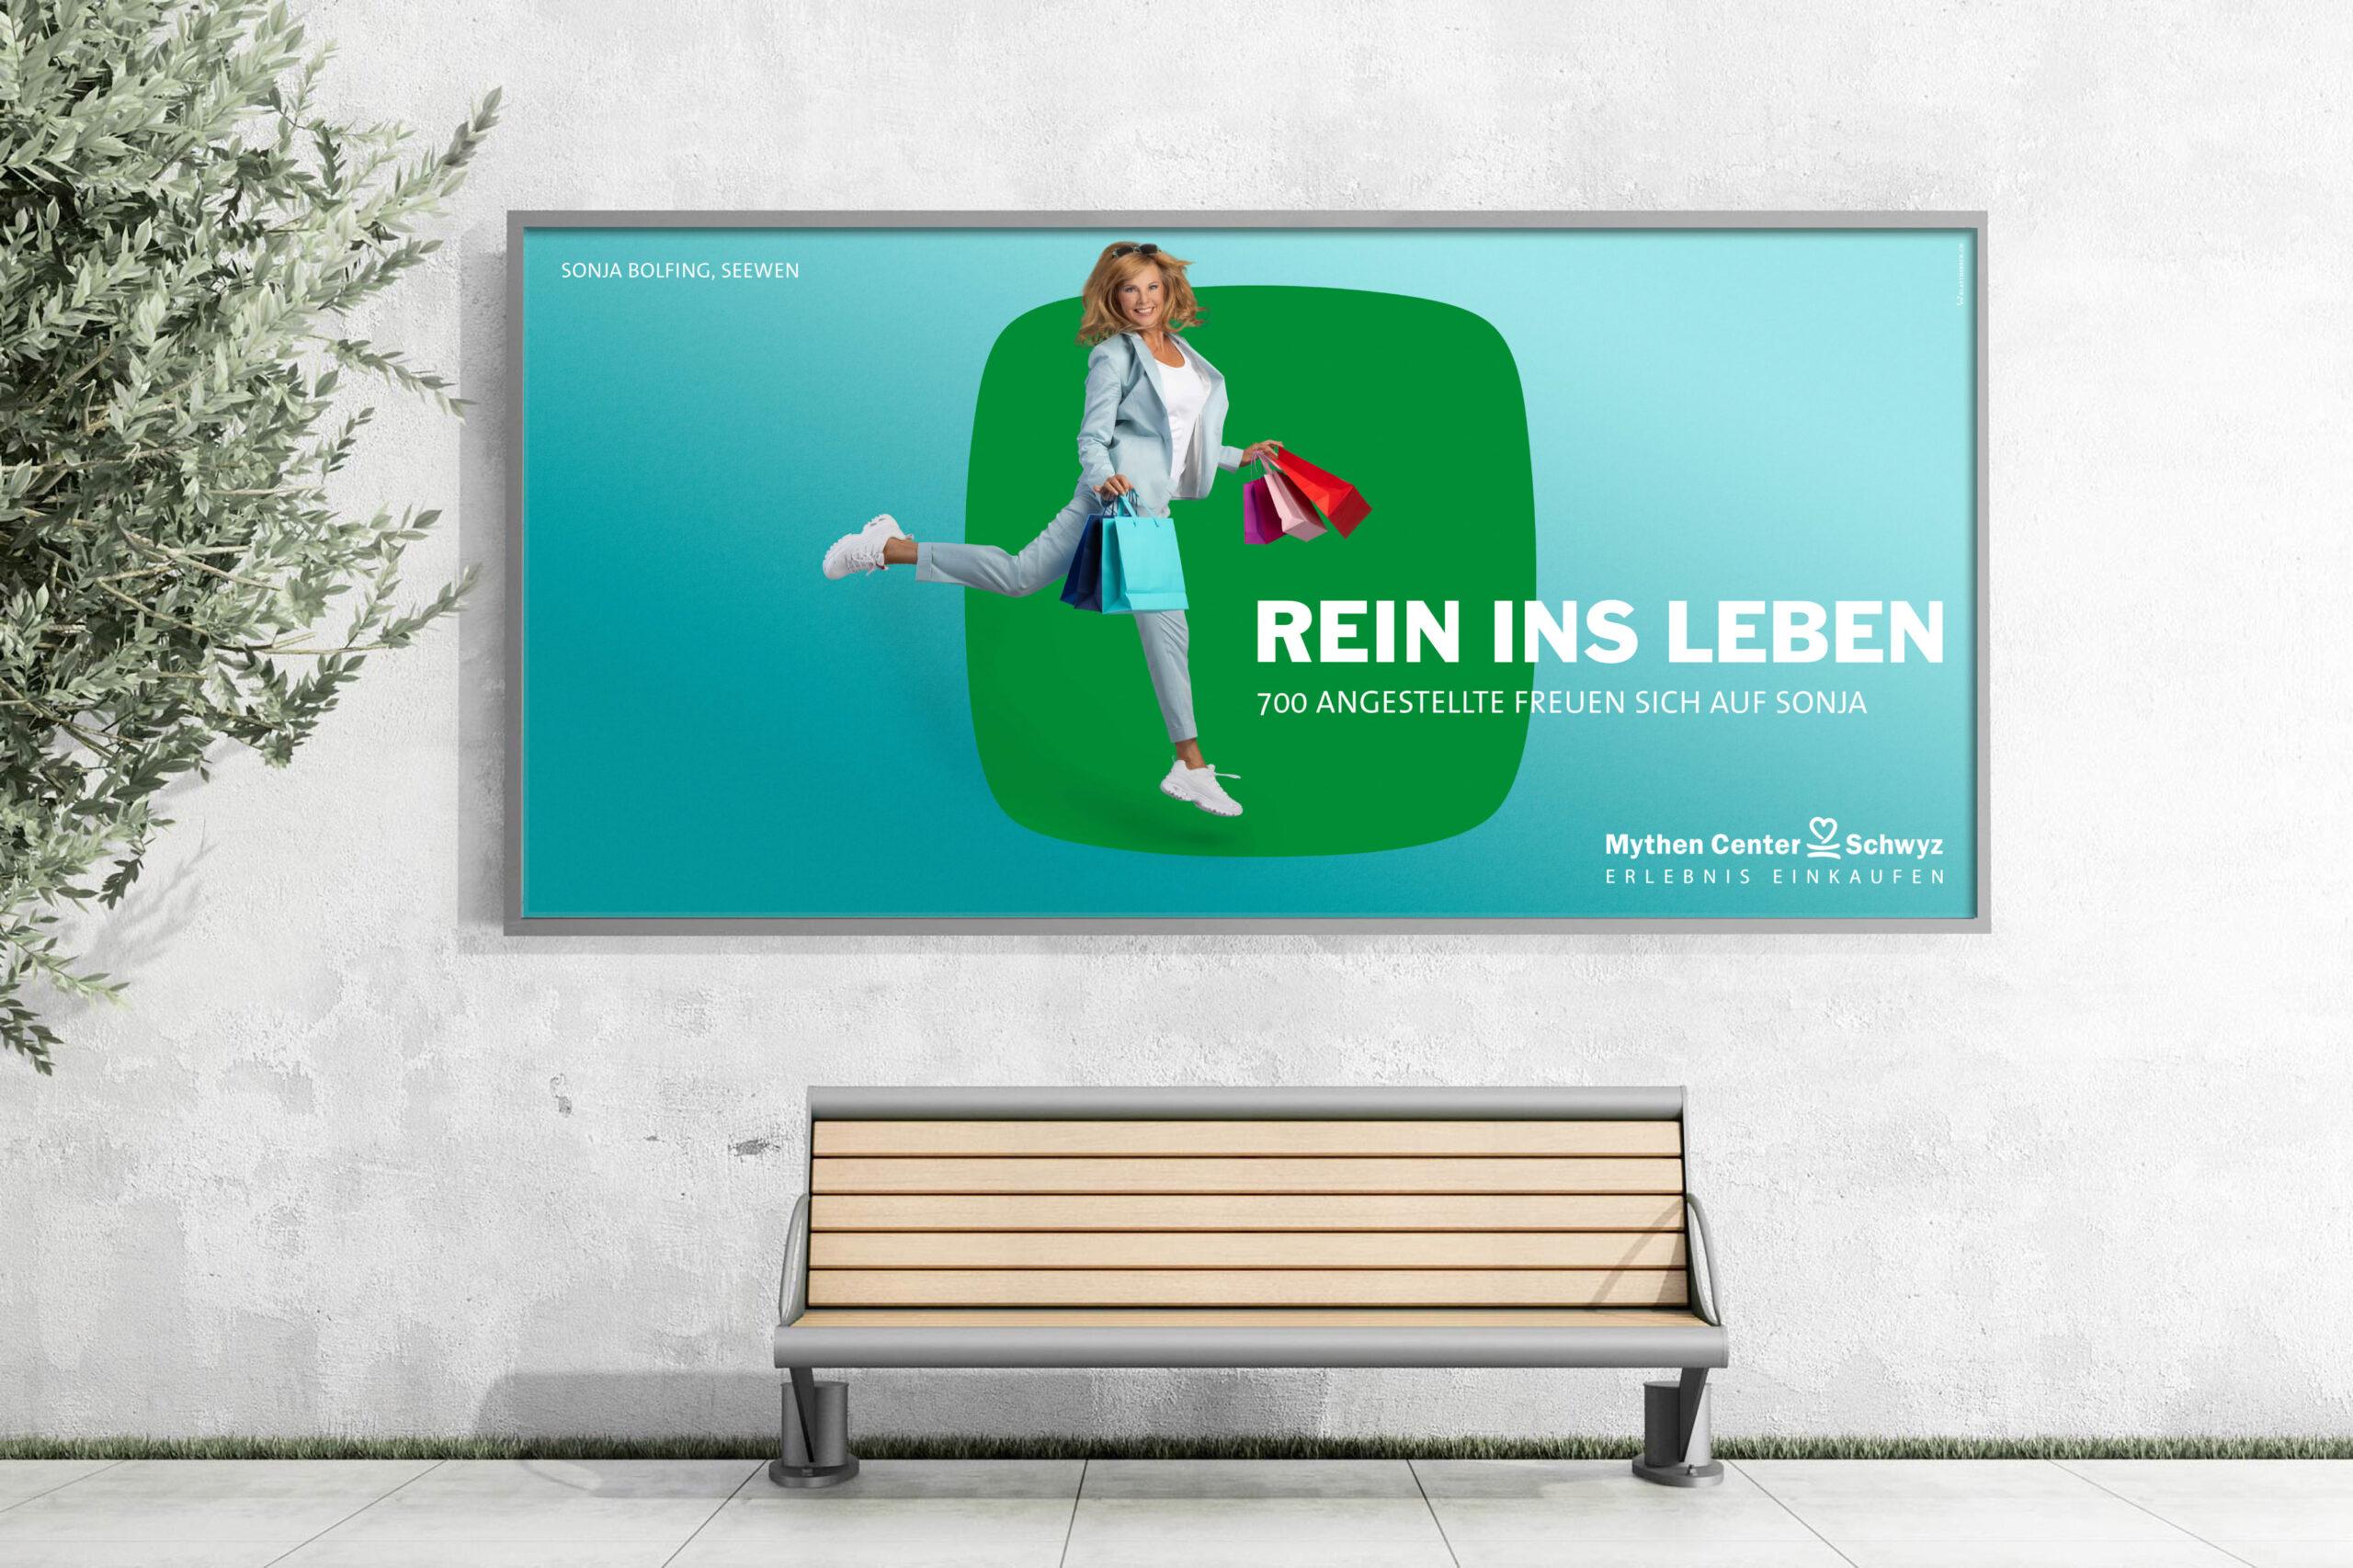 Mockup Plakat: Werbefotografie Werbekampagne Rein ins Leben fürs Mythen Center Schwyz im Fotostudio Blatthirsch Seewen - Model Sonja Bolfing - Fotografie, Fotograf, Werbefotograf, Goldau, Oberarth